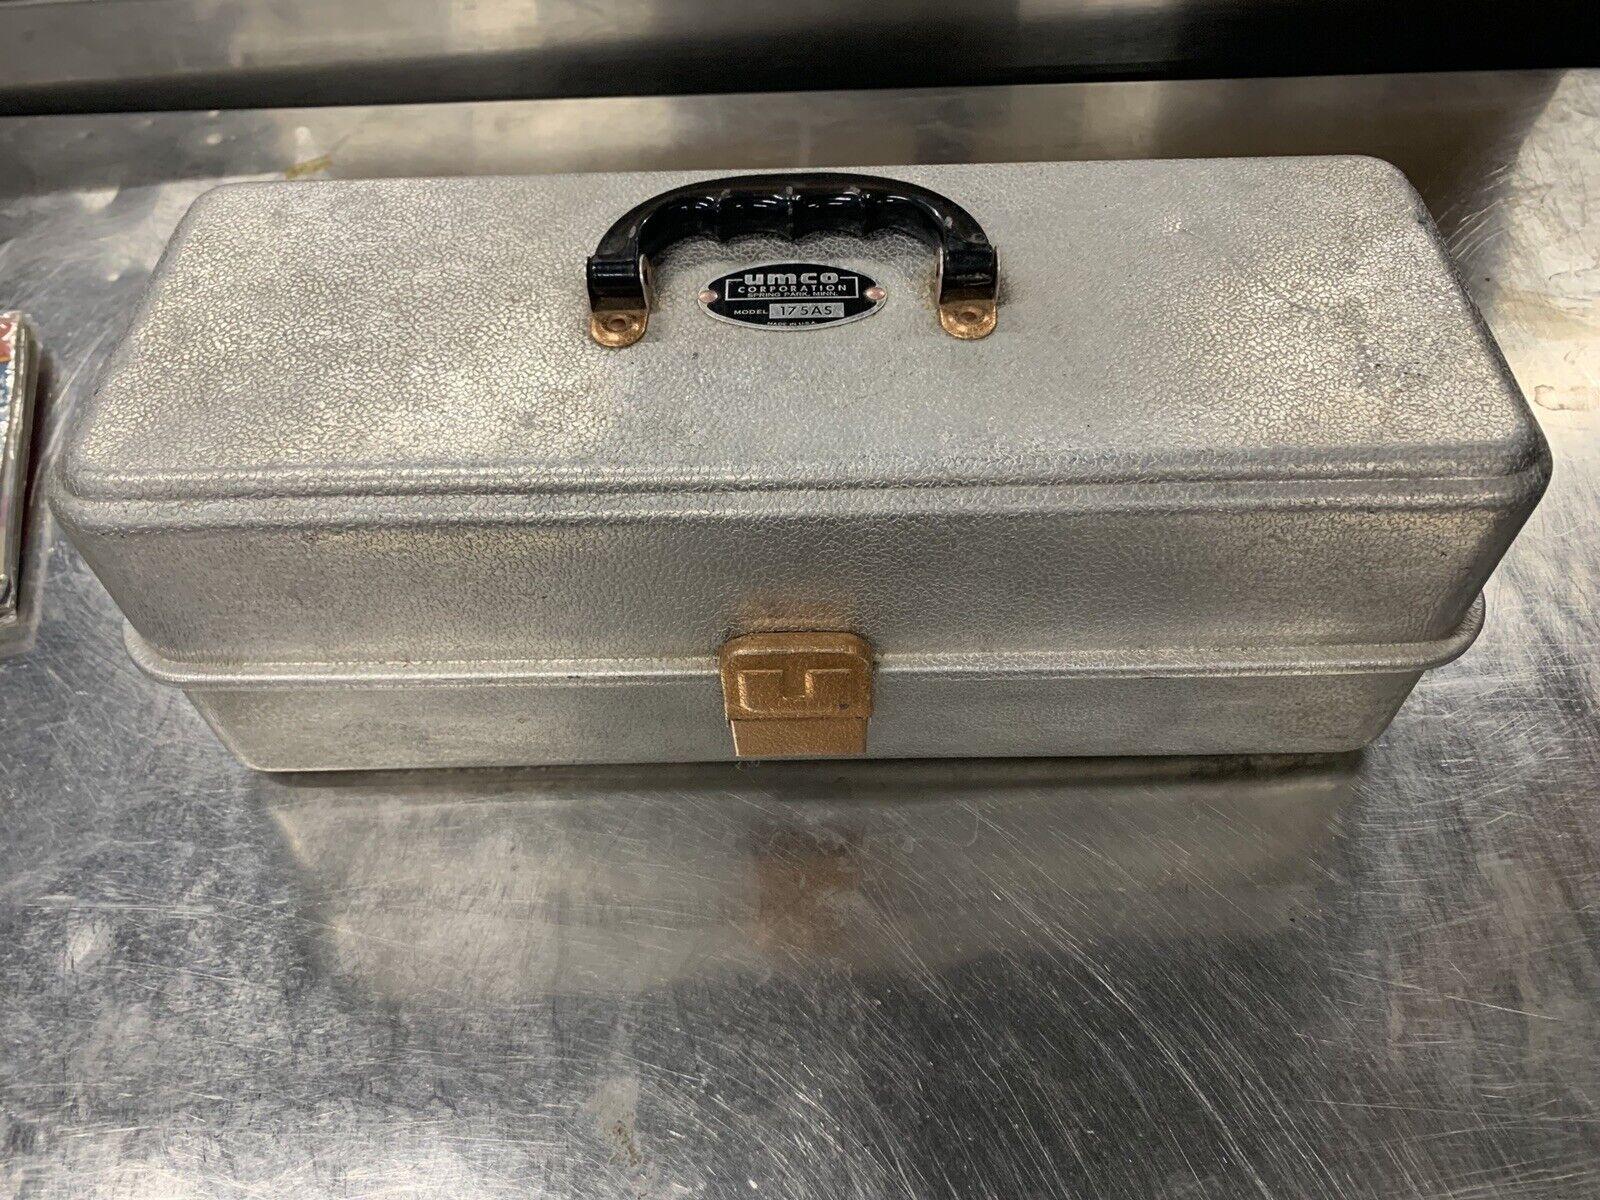 Vintage Umco Modelo   175A  Aluminio Caja de los trastos  tienda de venta